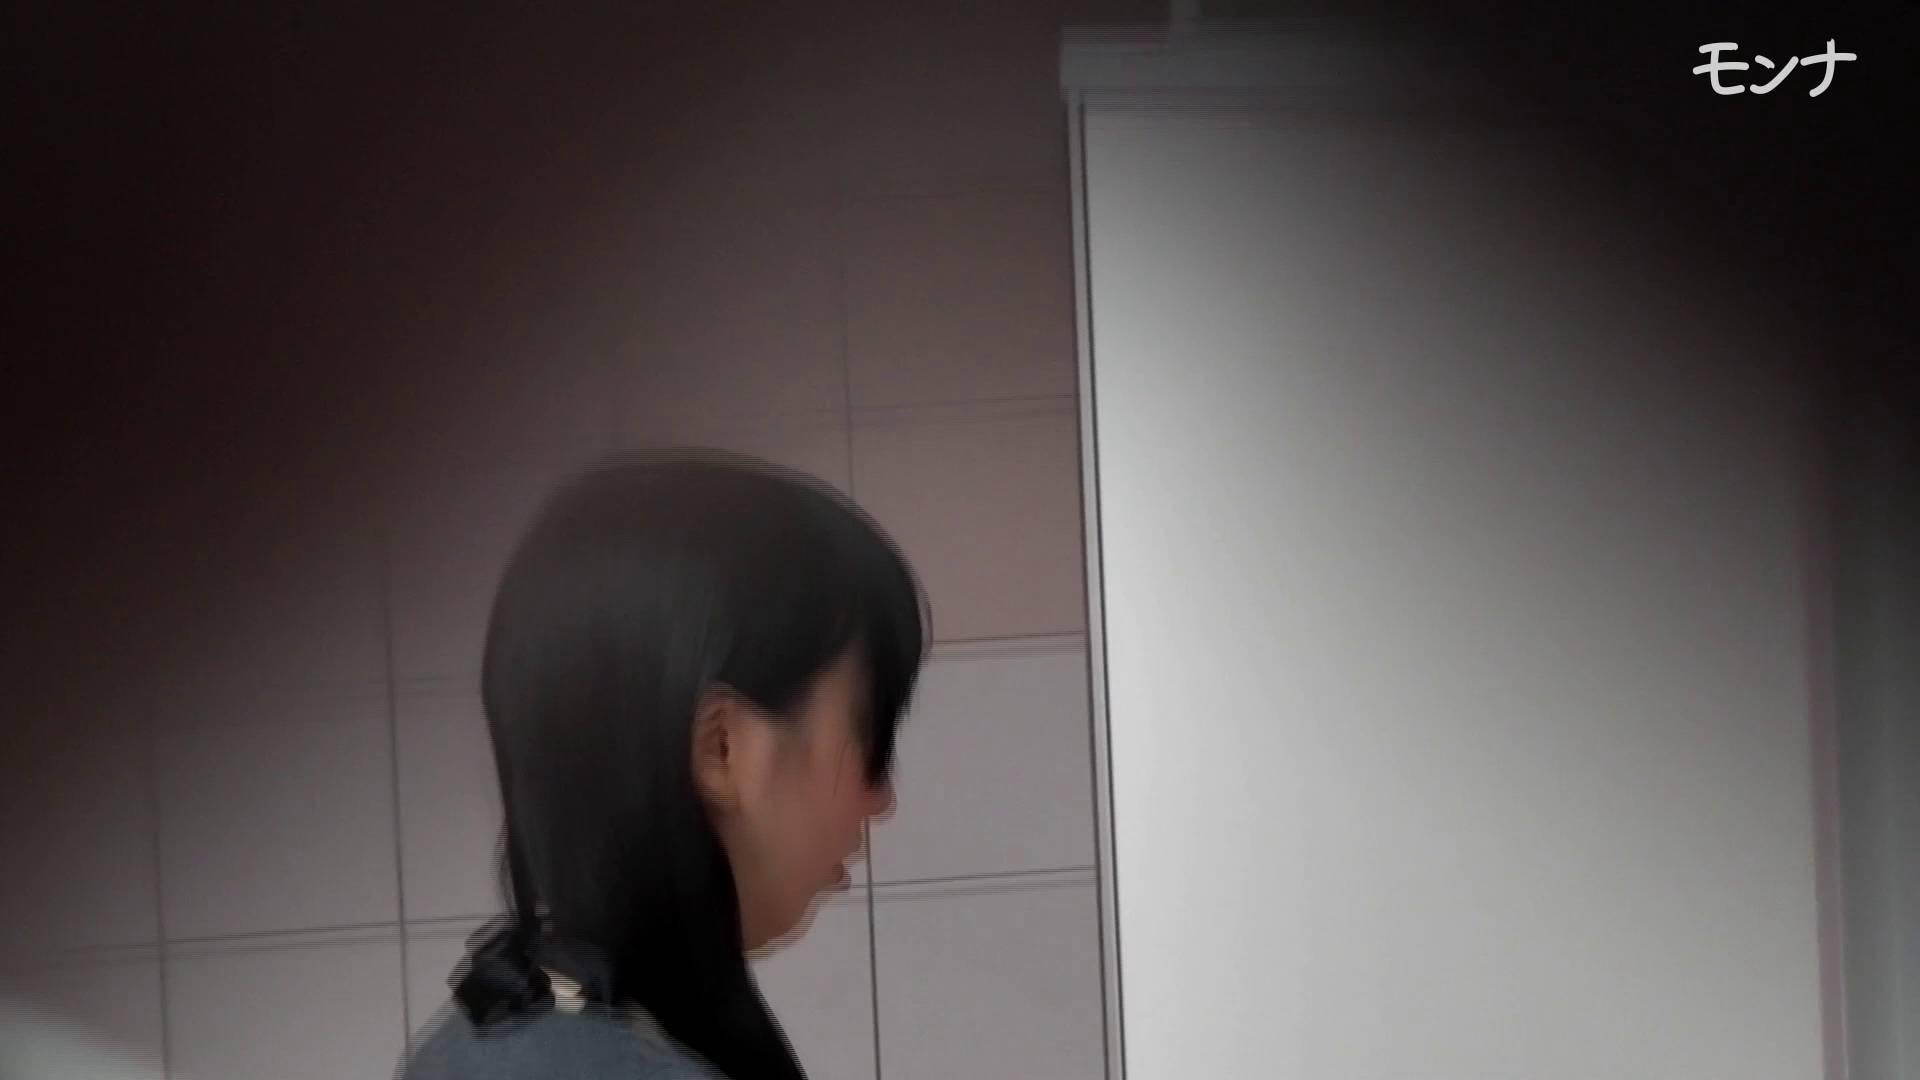 美しい日本の未来 No.50 強硬突入、友達同士同時に撮れるのか? ギャル  72pic 72